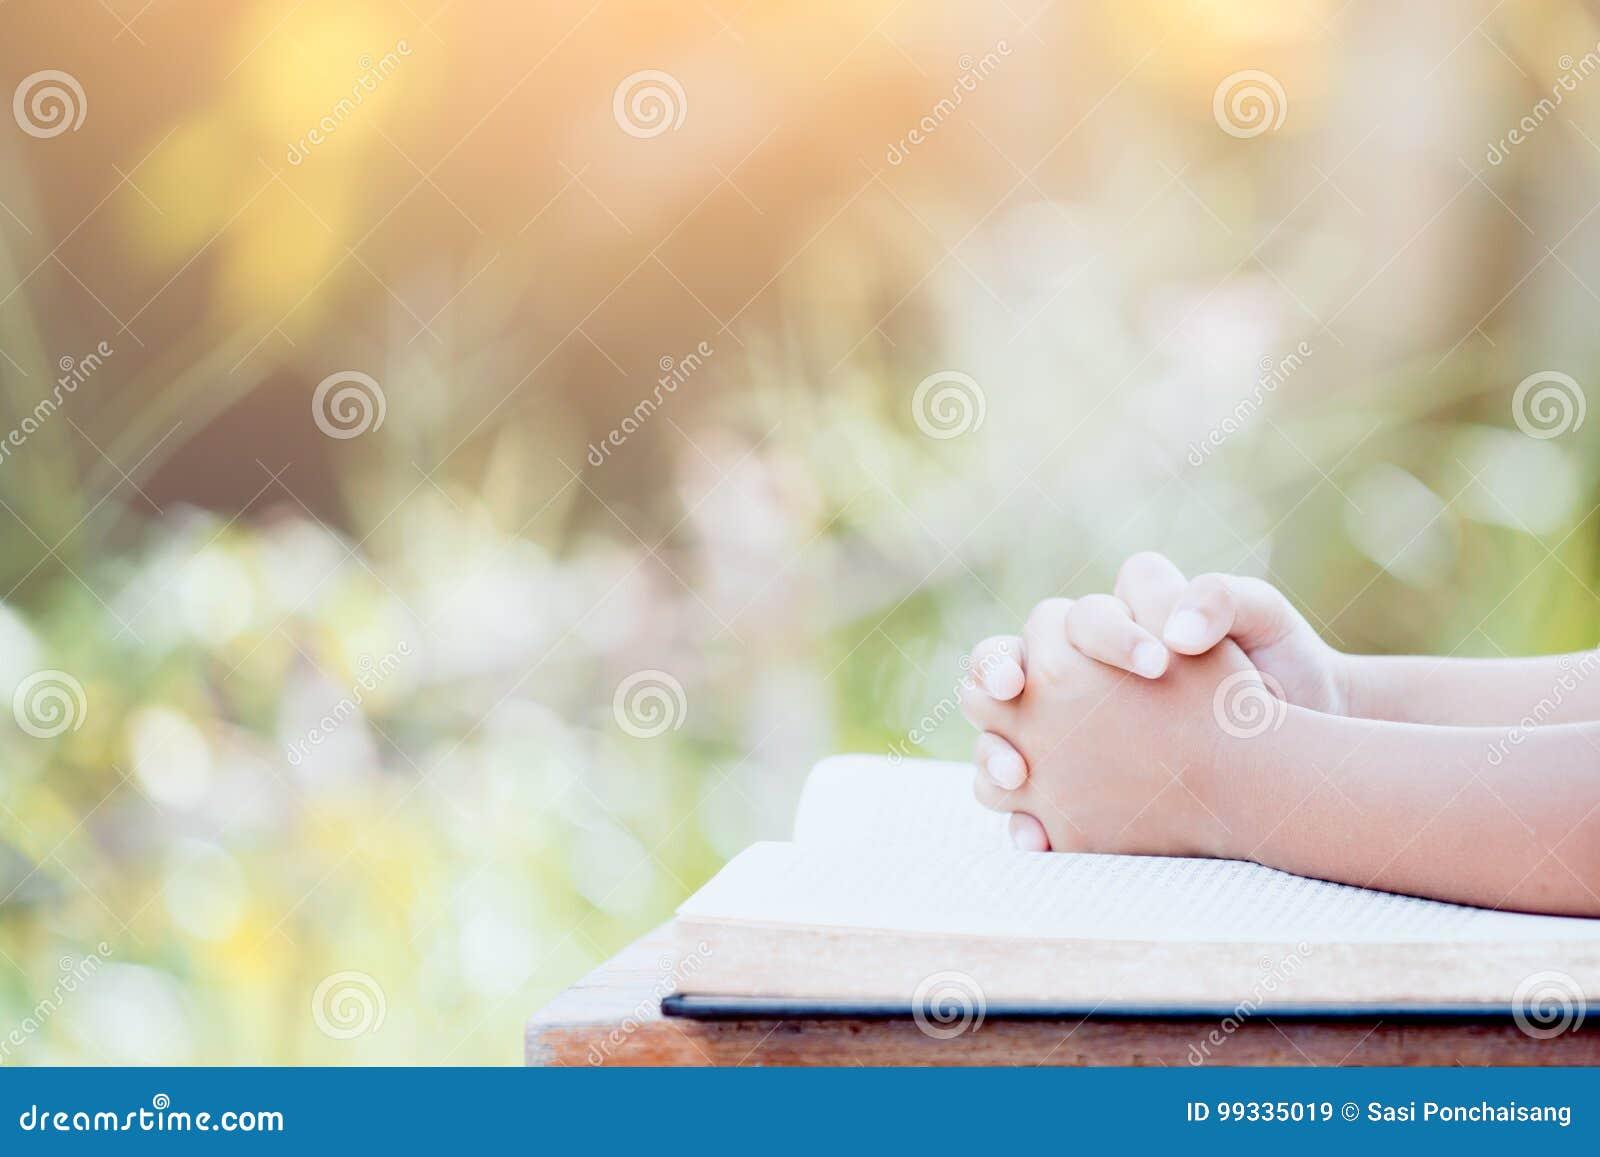 小孩女孩手在圣经的祷告折叠了